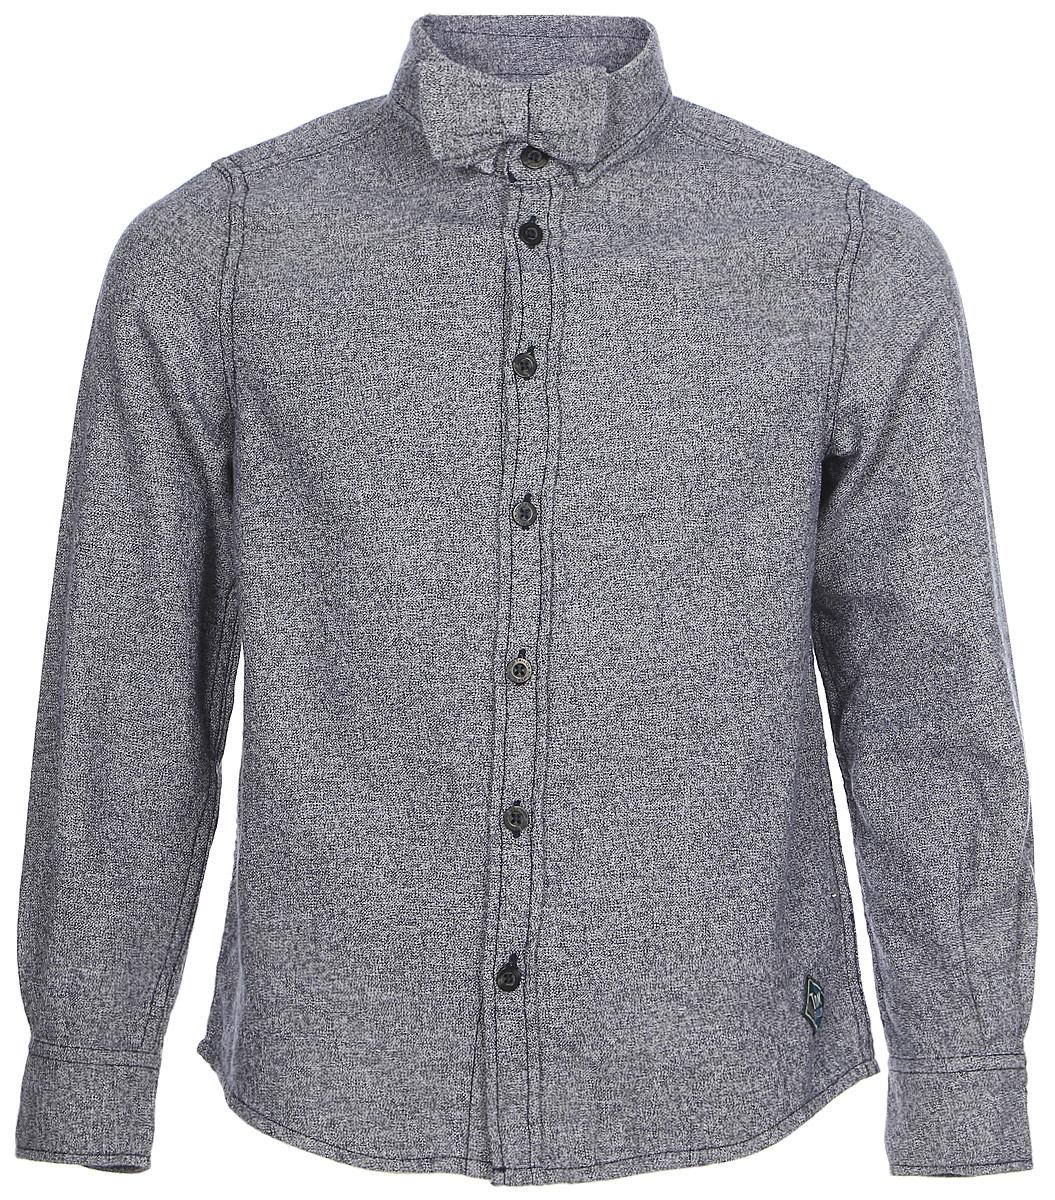 Рубашка для мальчика Tom Tailor, цвет: серый. 2033663.00.82_6800. Размер 104/1102033663.00.82_6800Рубашка для мальчика от Tom Tailor выполнена из натурального хлопка. Модель с длинными рукавами и отложным воротником застегивается на пуговицы.